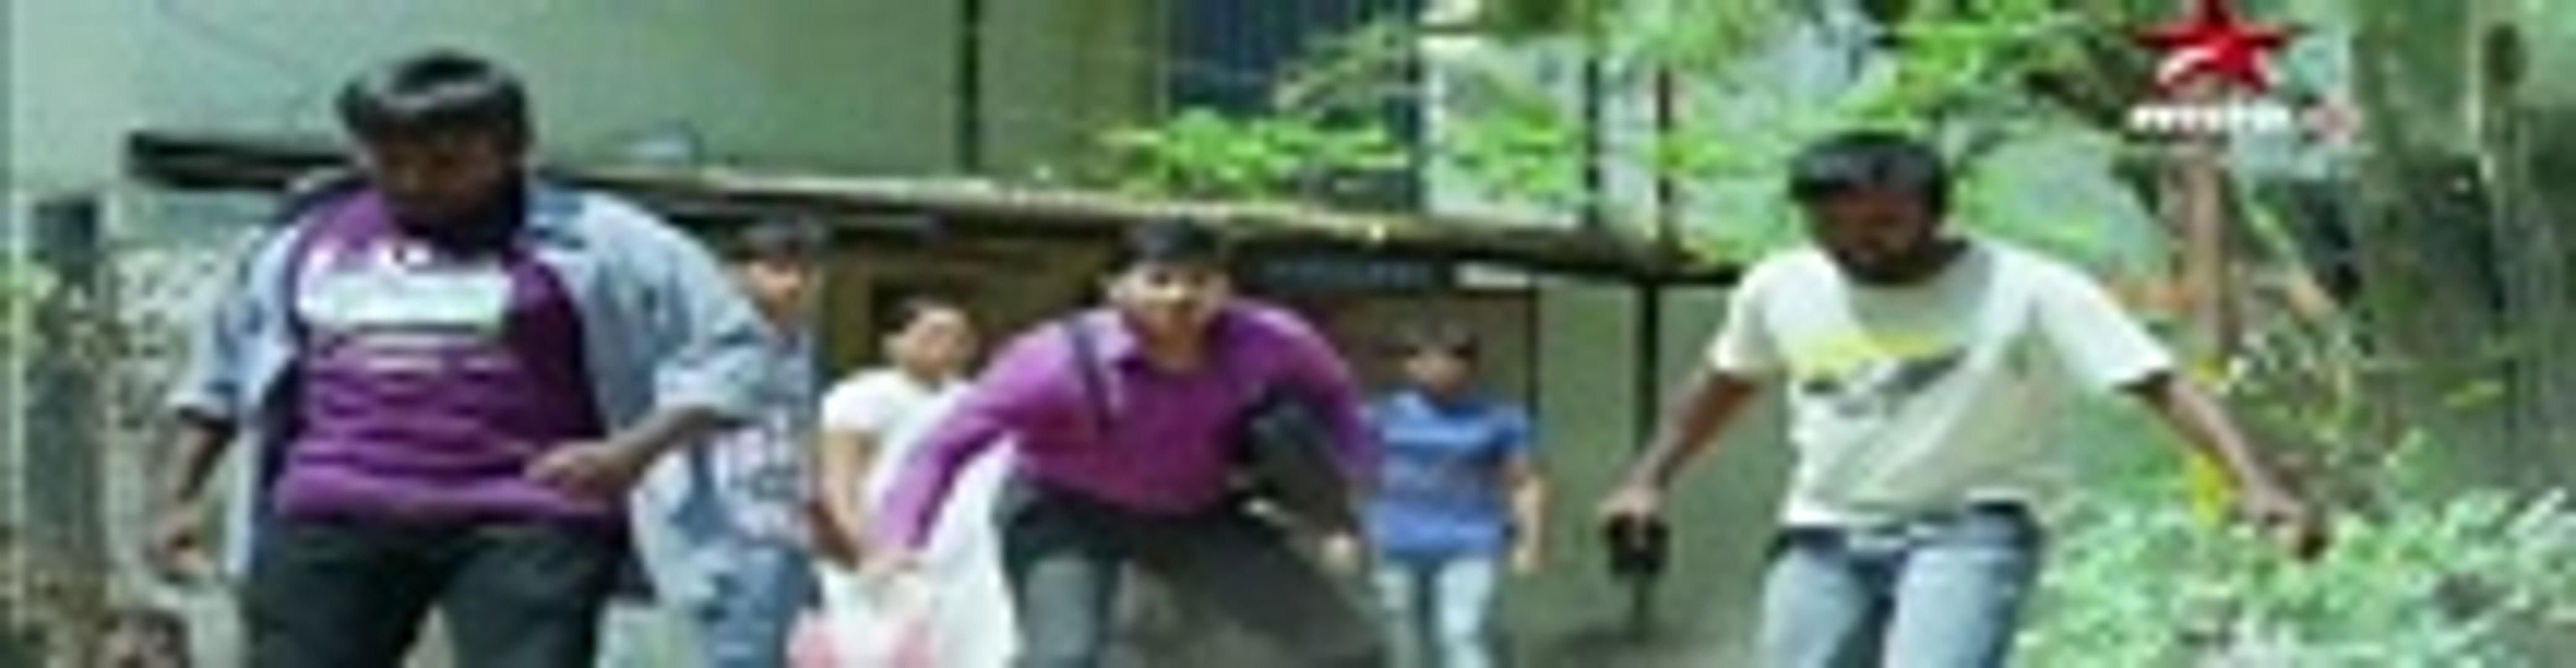 Janda Pai Kapiraju 2015 Telugu Original Version Hdtv Rip Movie Part 1 Video Dailymotion